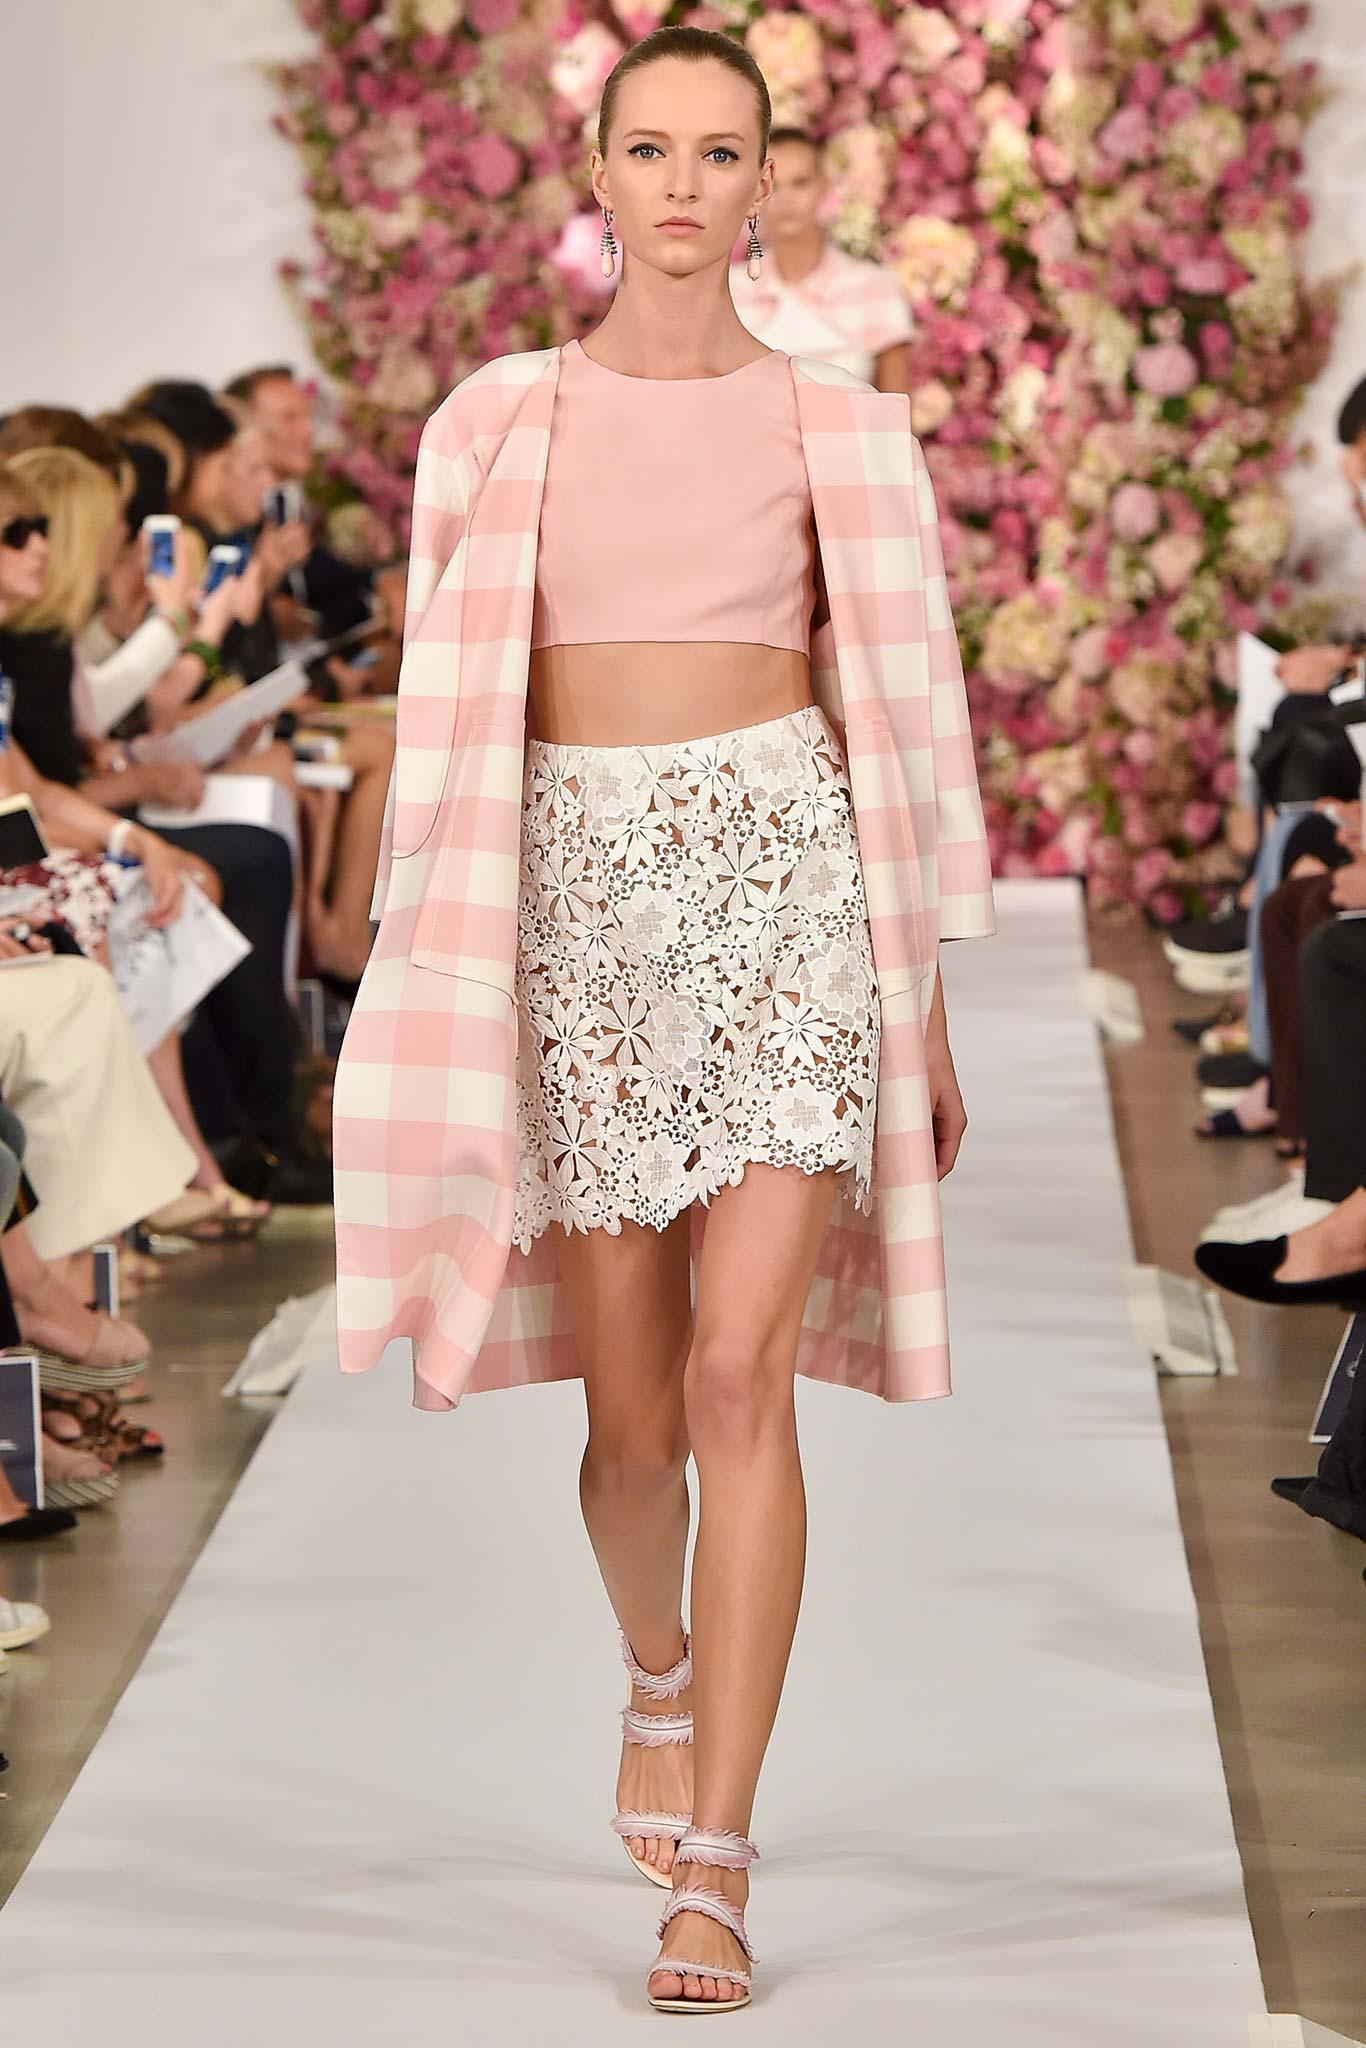 Oscar de la Renta весна лето 2015 7 самых модных вещей 2015 года